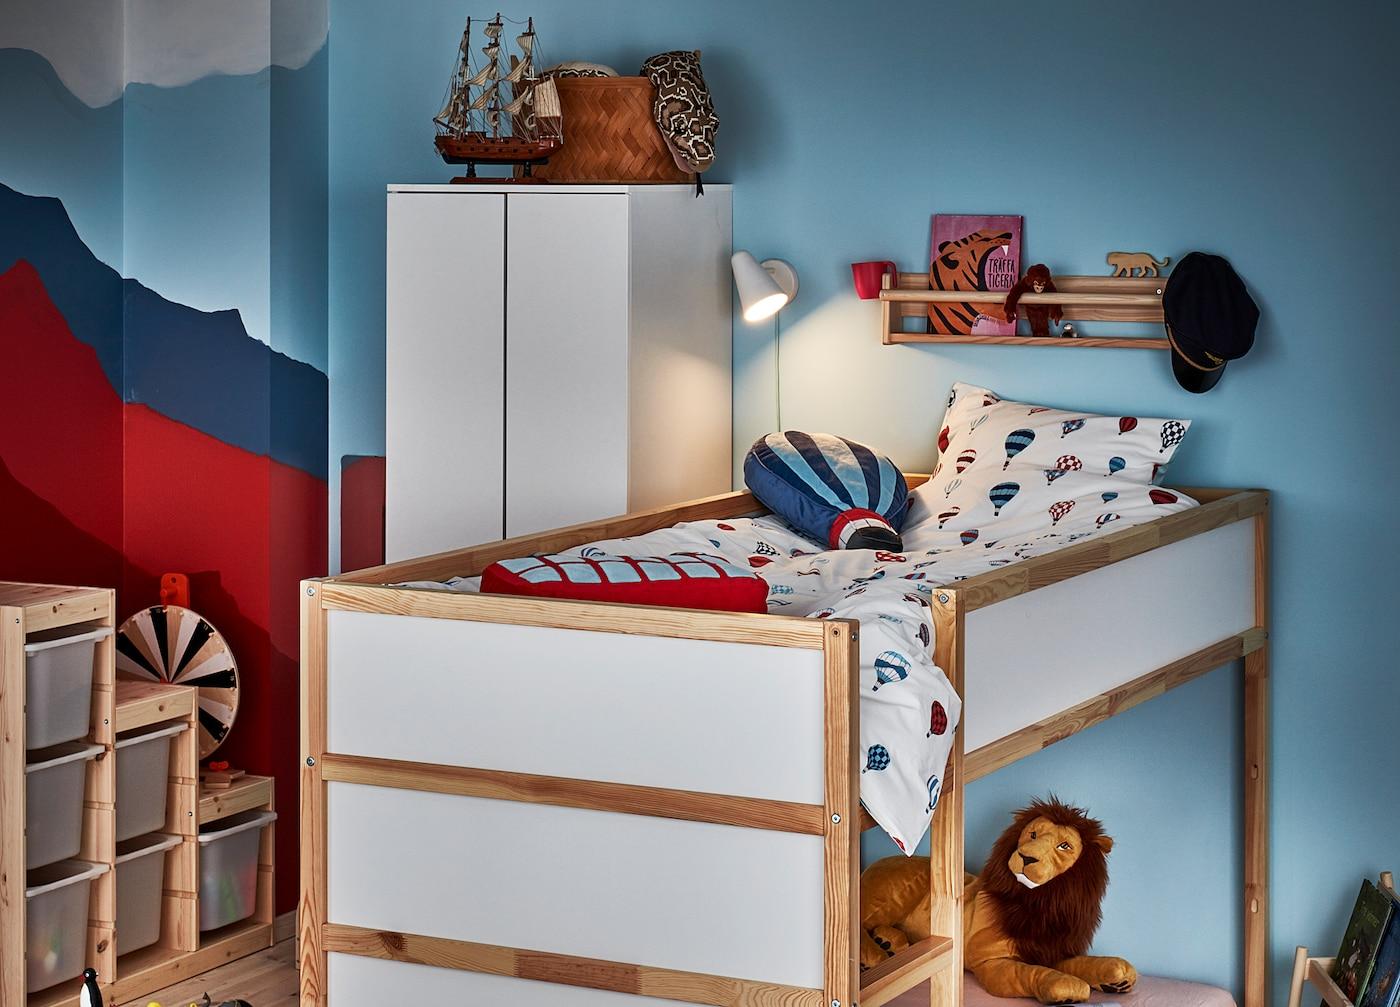 Letto A Castello Ikea Kura.Kura Letto Reversibile Bianco Pino 90x200 Cm Ikea